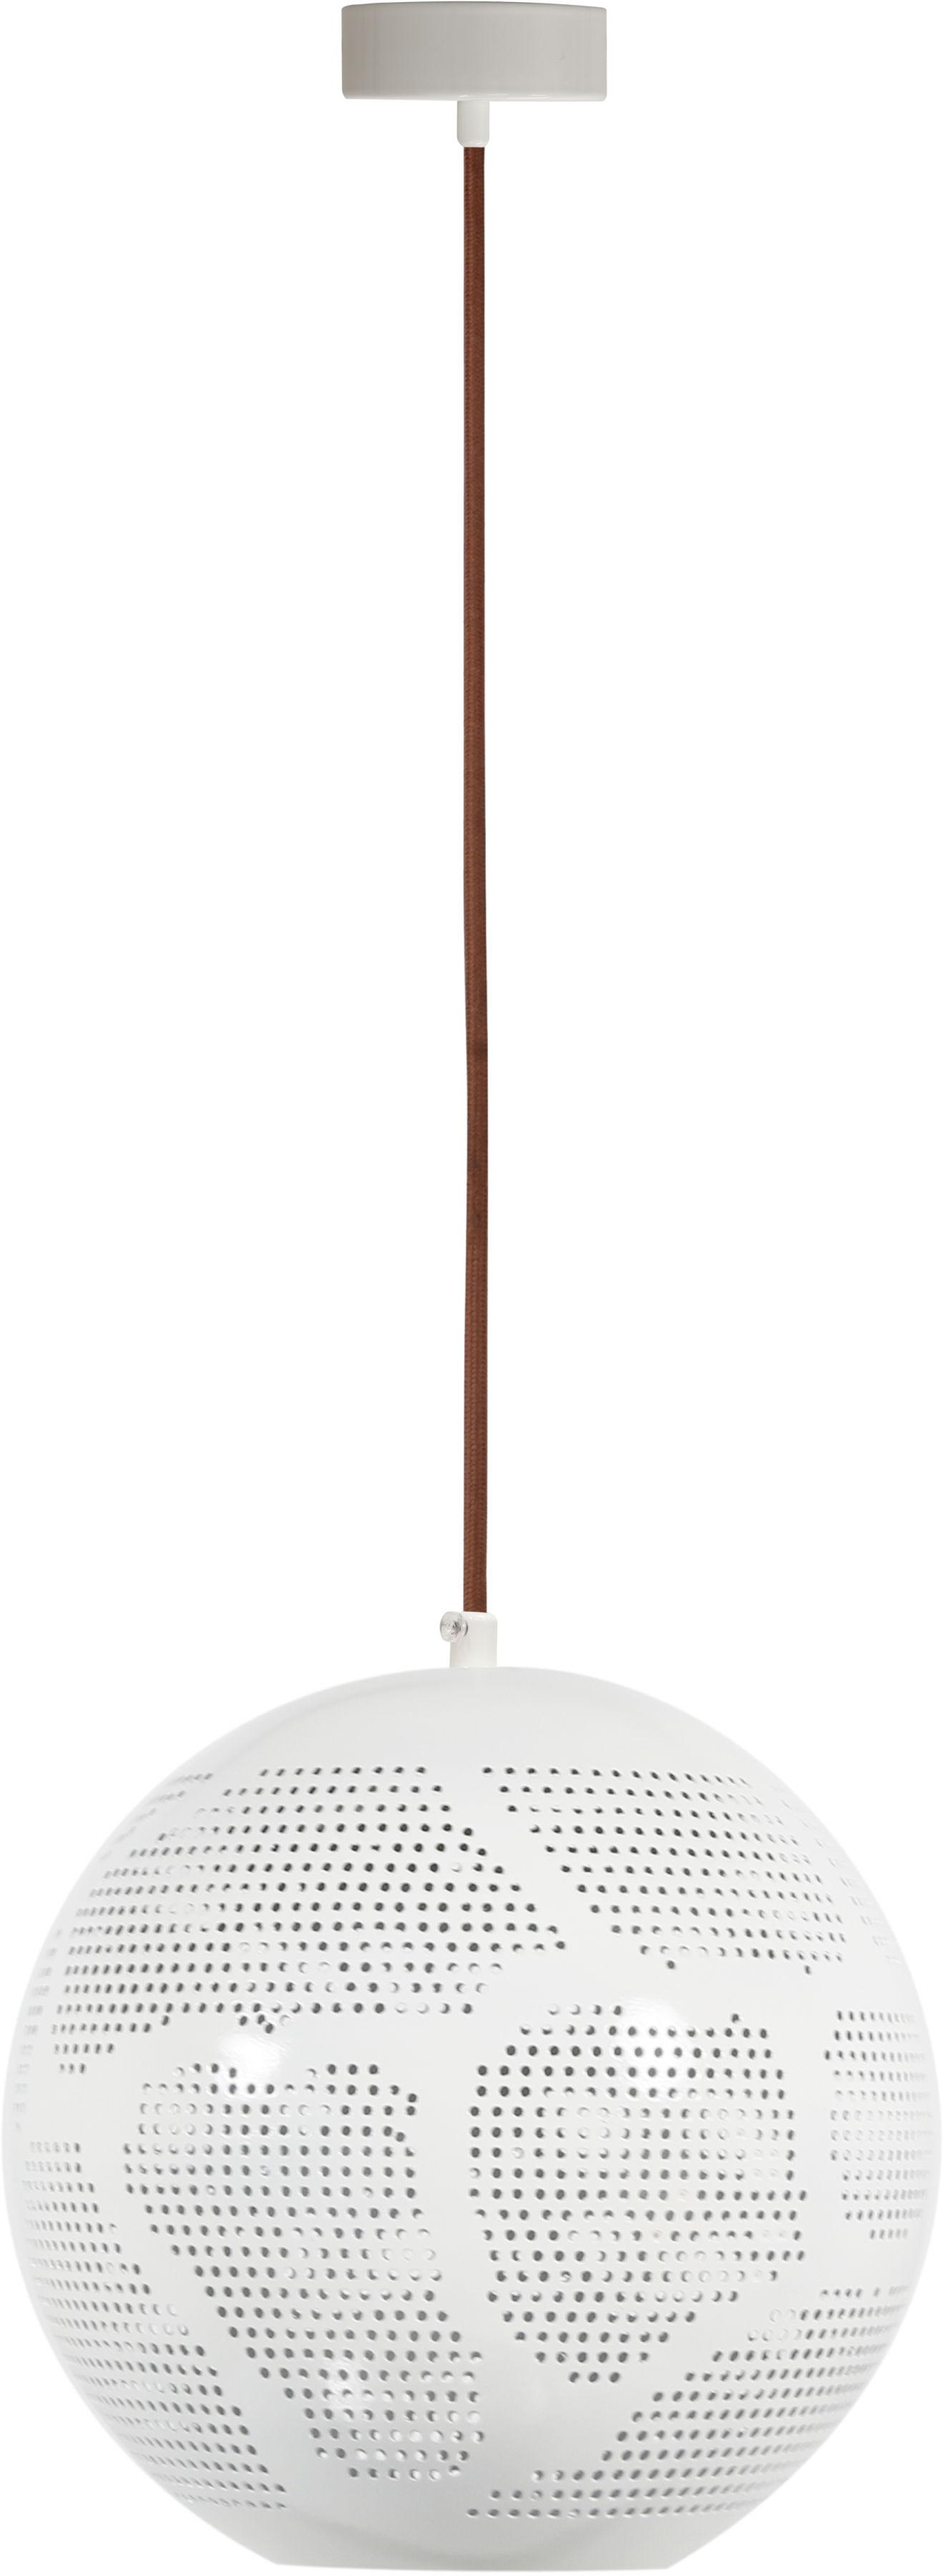 Candellux BENE 31-70579 lampa wisząca kula klosz metalowy ażurowy biały 1X60W E27 25cm